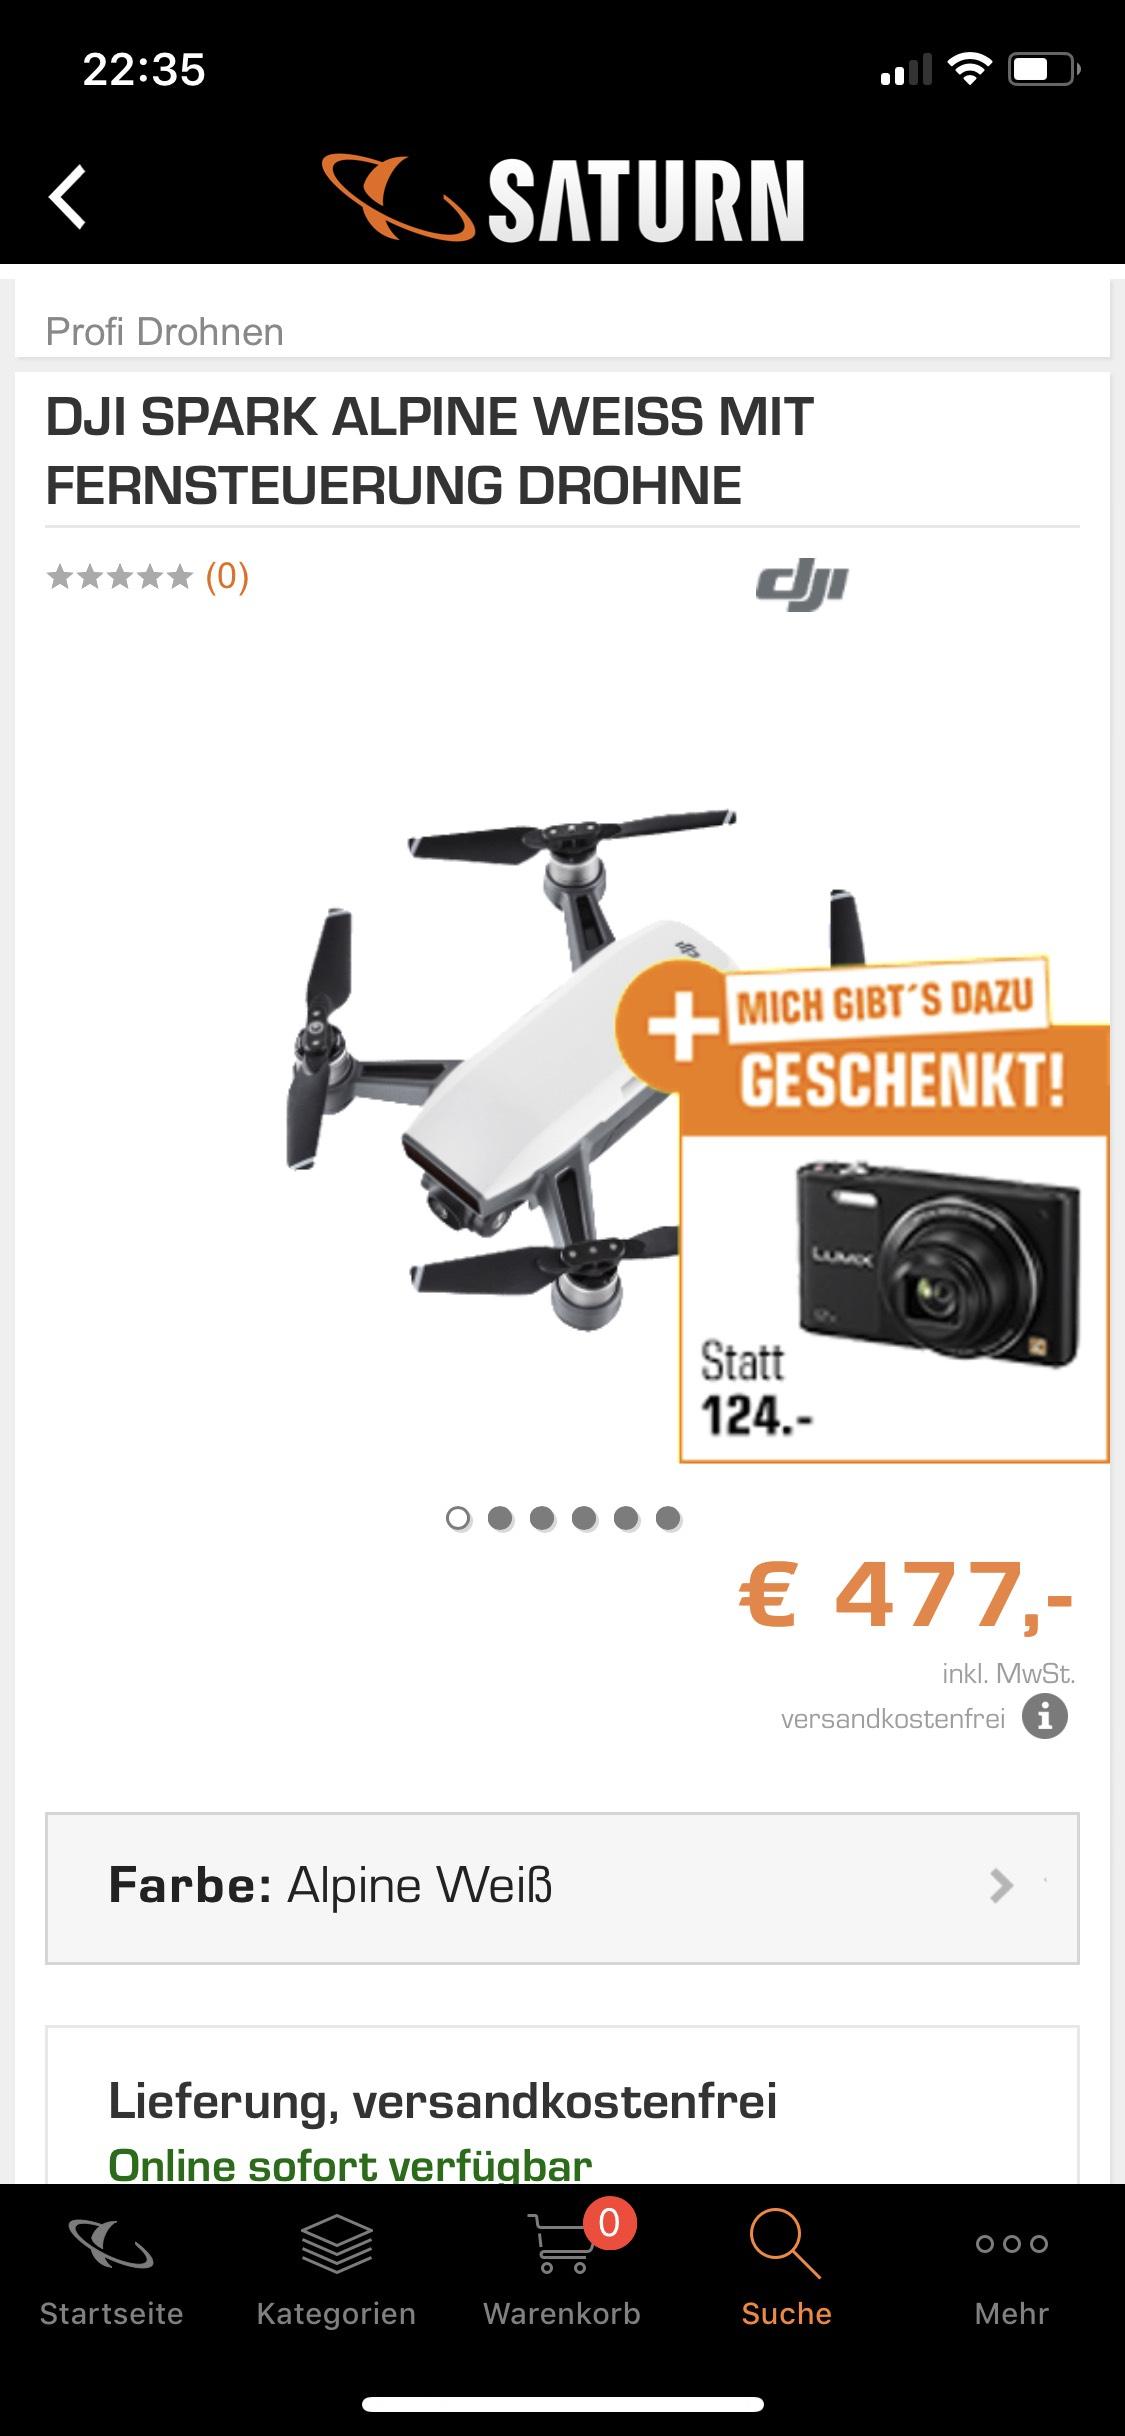 DJI Spark + Fernsteuerung + Kamera SATURN online und Markt 477€ Nach Abzug Kamera UVP 353€